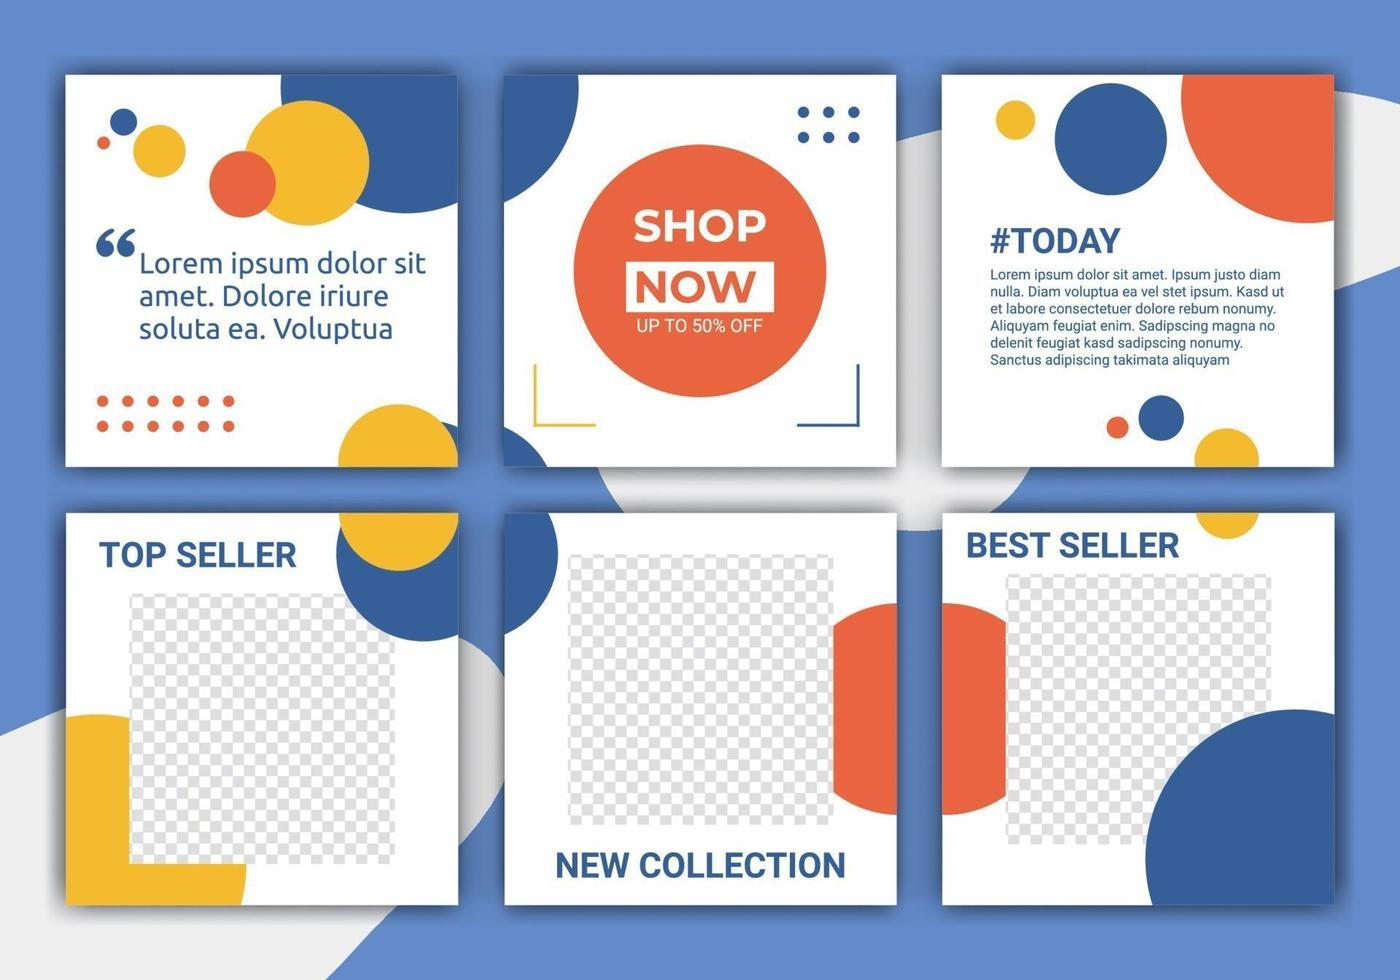 conjunto de designs de modelo de feed de postagem de mídia social. liquidação de verão. promoção de marca de moda. padrão abstrato com pastel azul, amarelo, laranja e branco. ilustração vetorial para ig post vetor